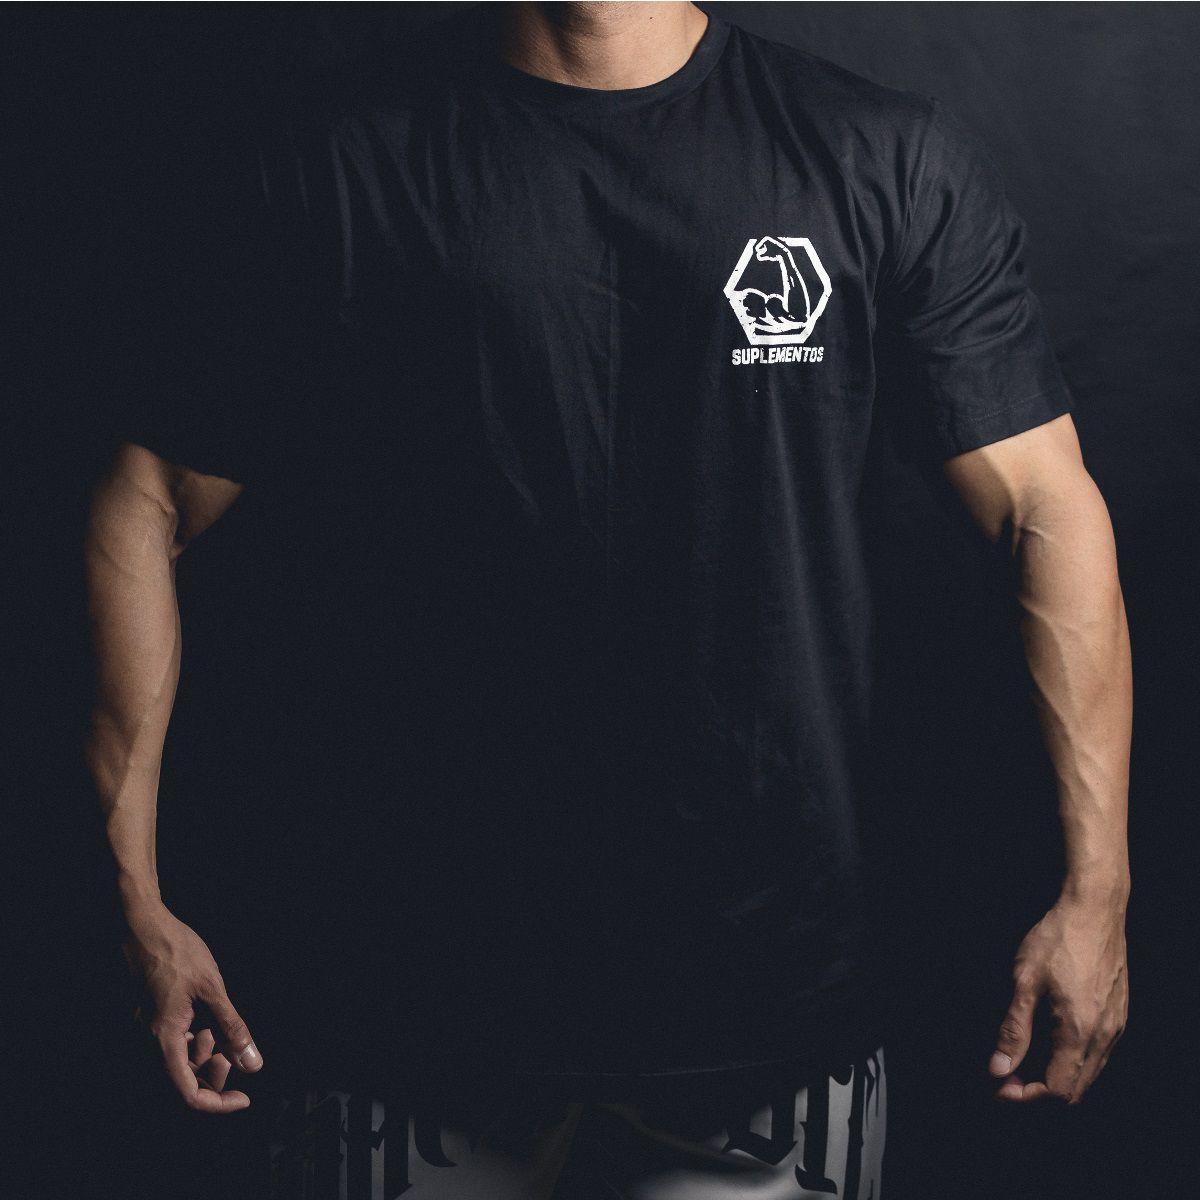 Camisa Masculina - TEAM BC